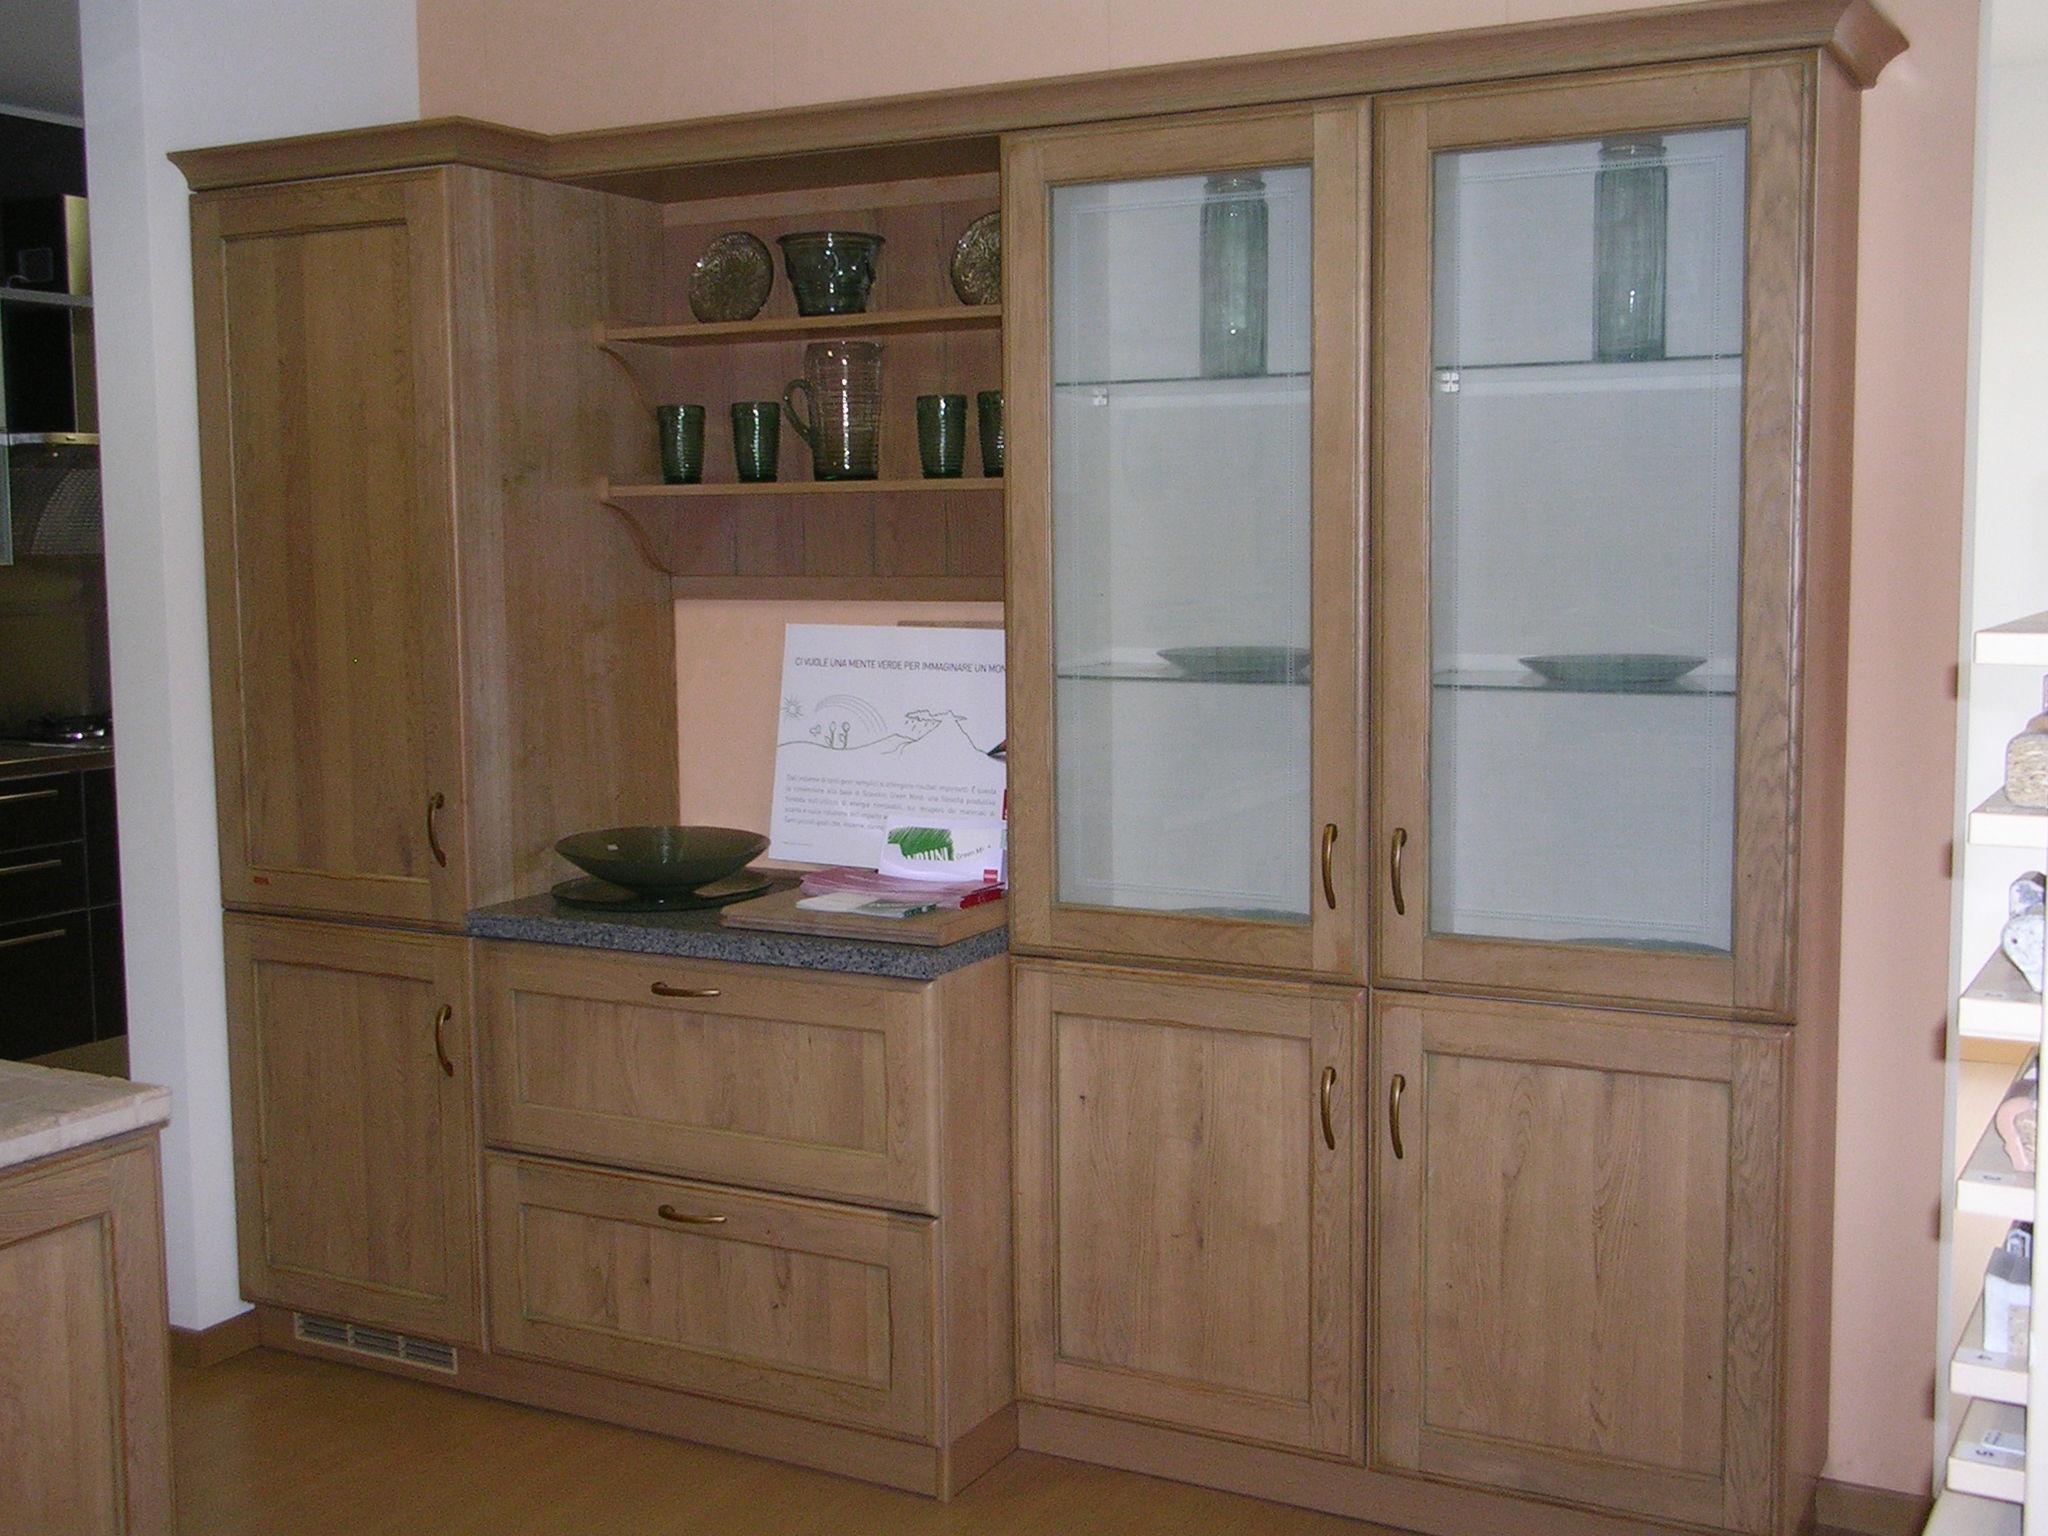 Soggiorni In Legno Chiaro: Cucina eden moderna legno rovere chiaro ...